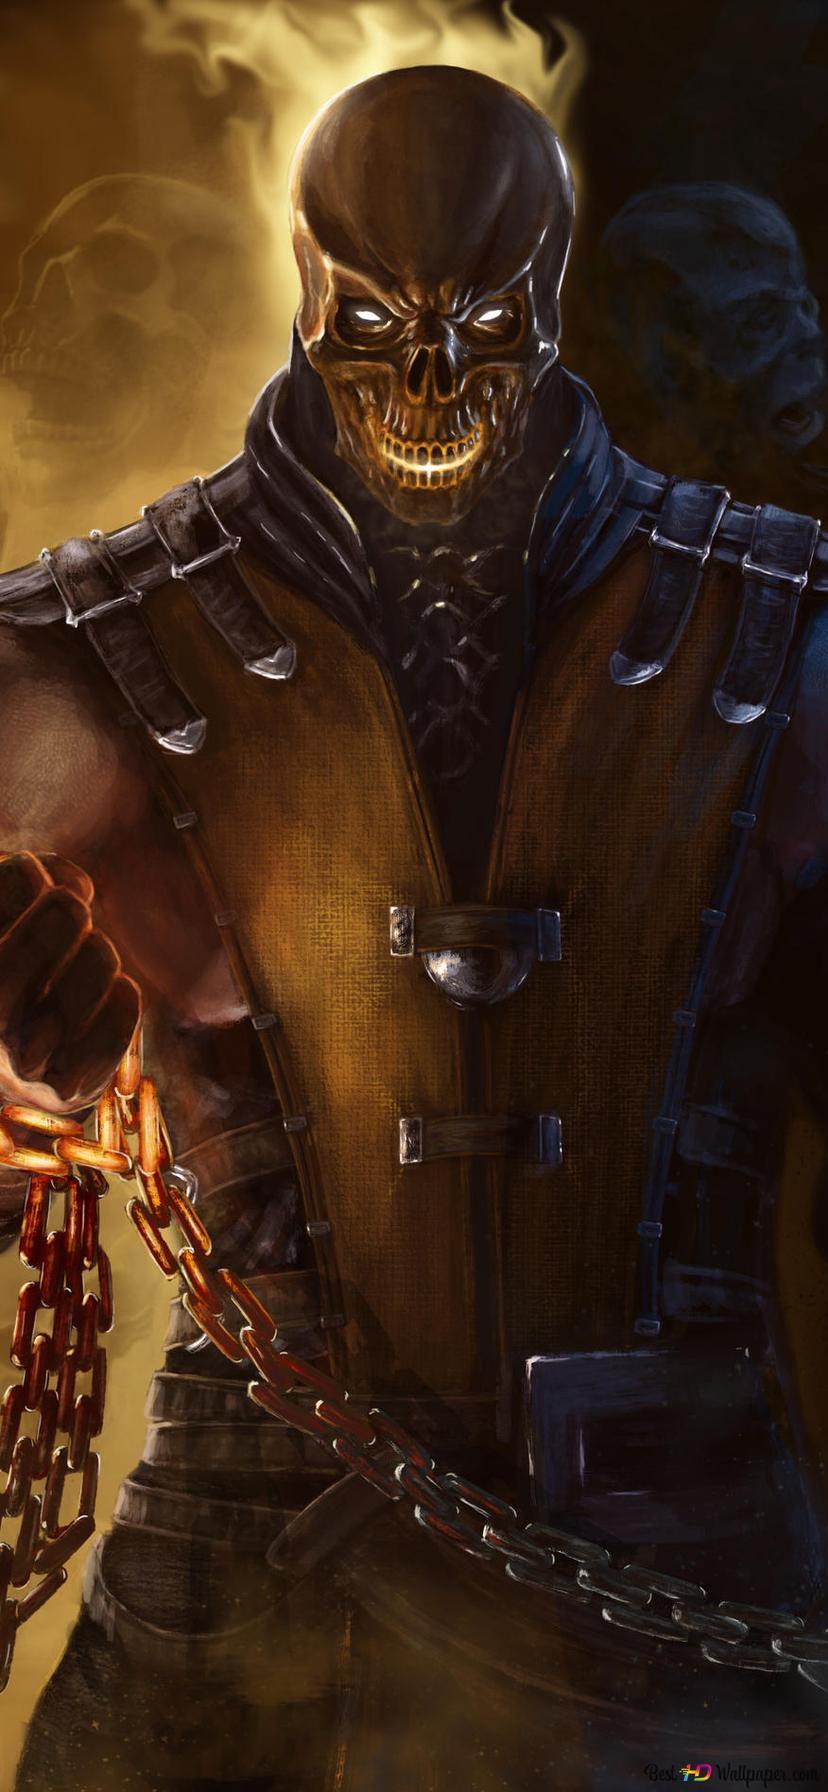 Mortal Kombat X Scorpion Fanart Hd Hintergrundbilder